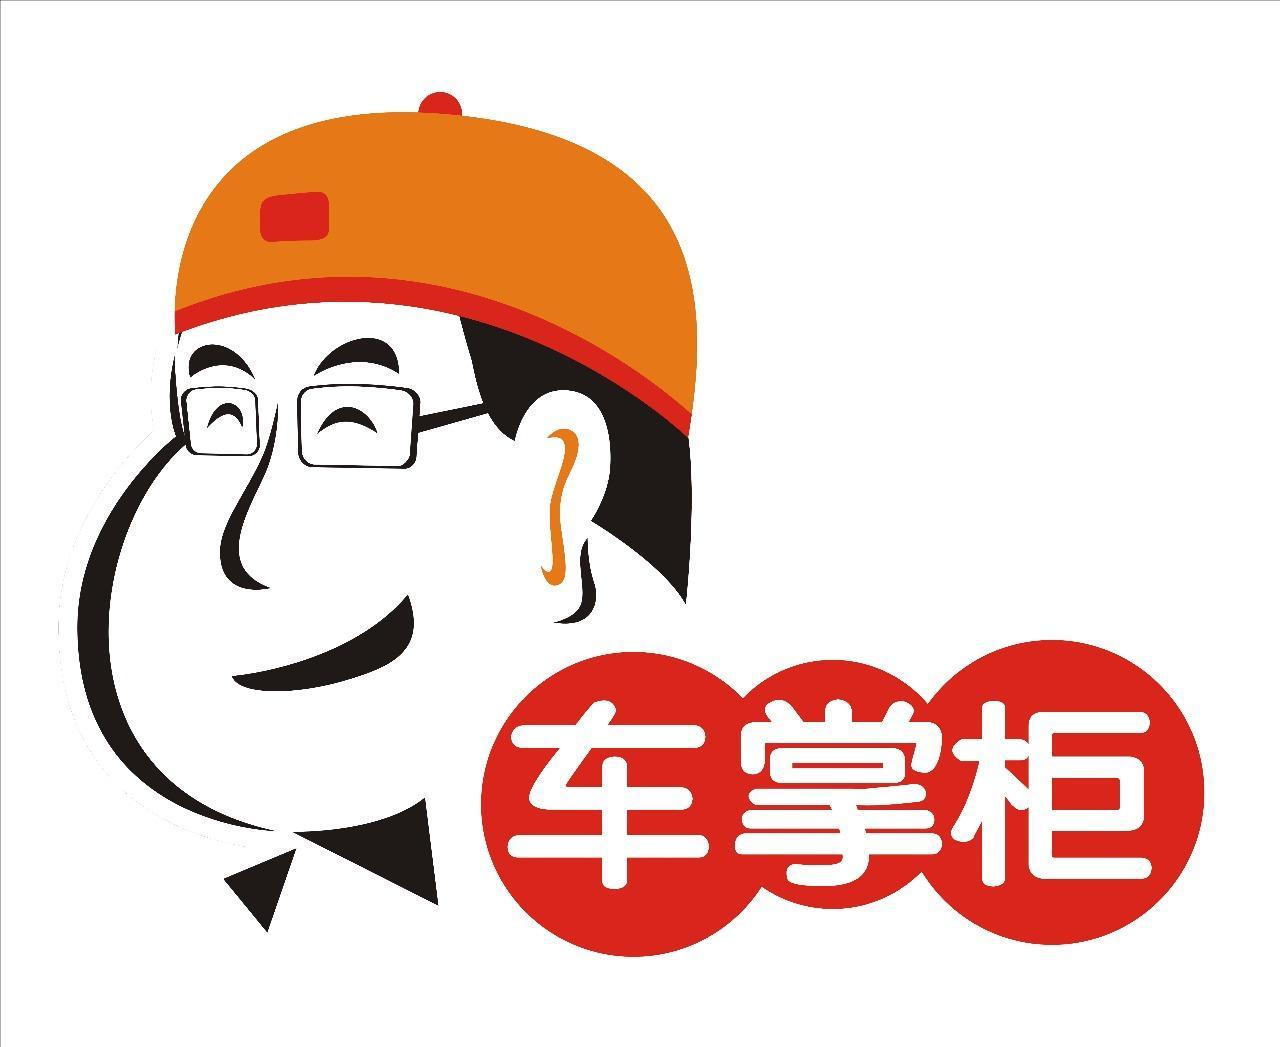 江西省车掌柜汽车技术服务有限公司